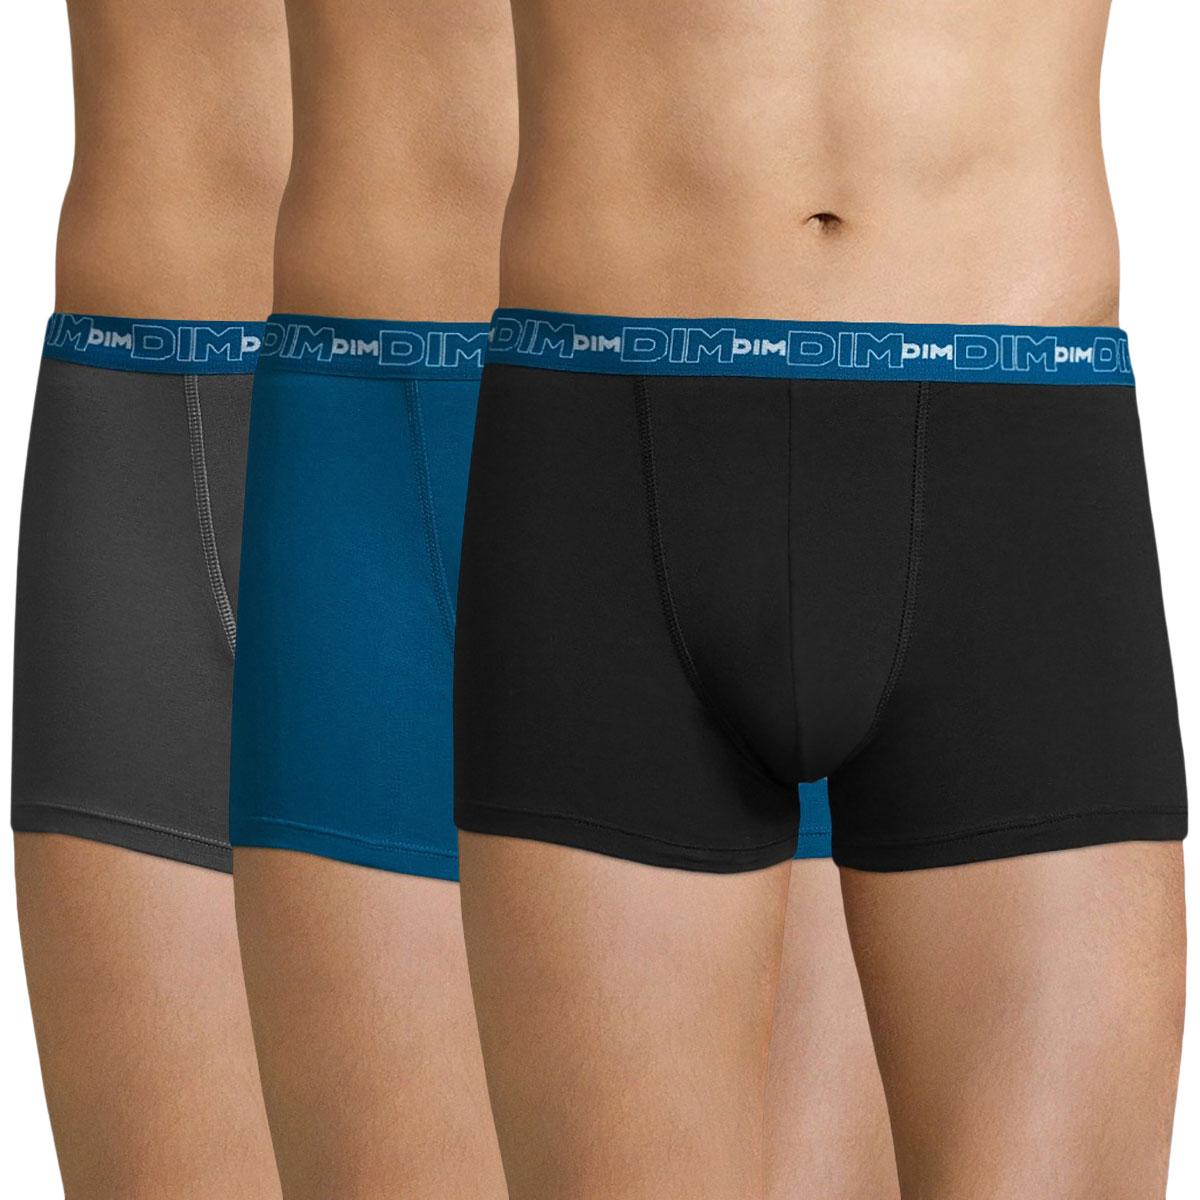 Lot de 3 boxers gris, bleu et noir Coton Stretch